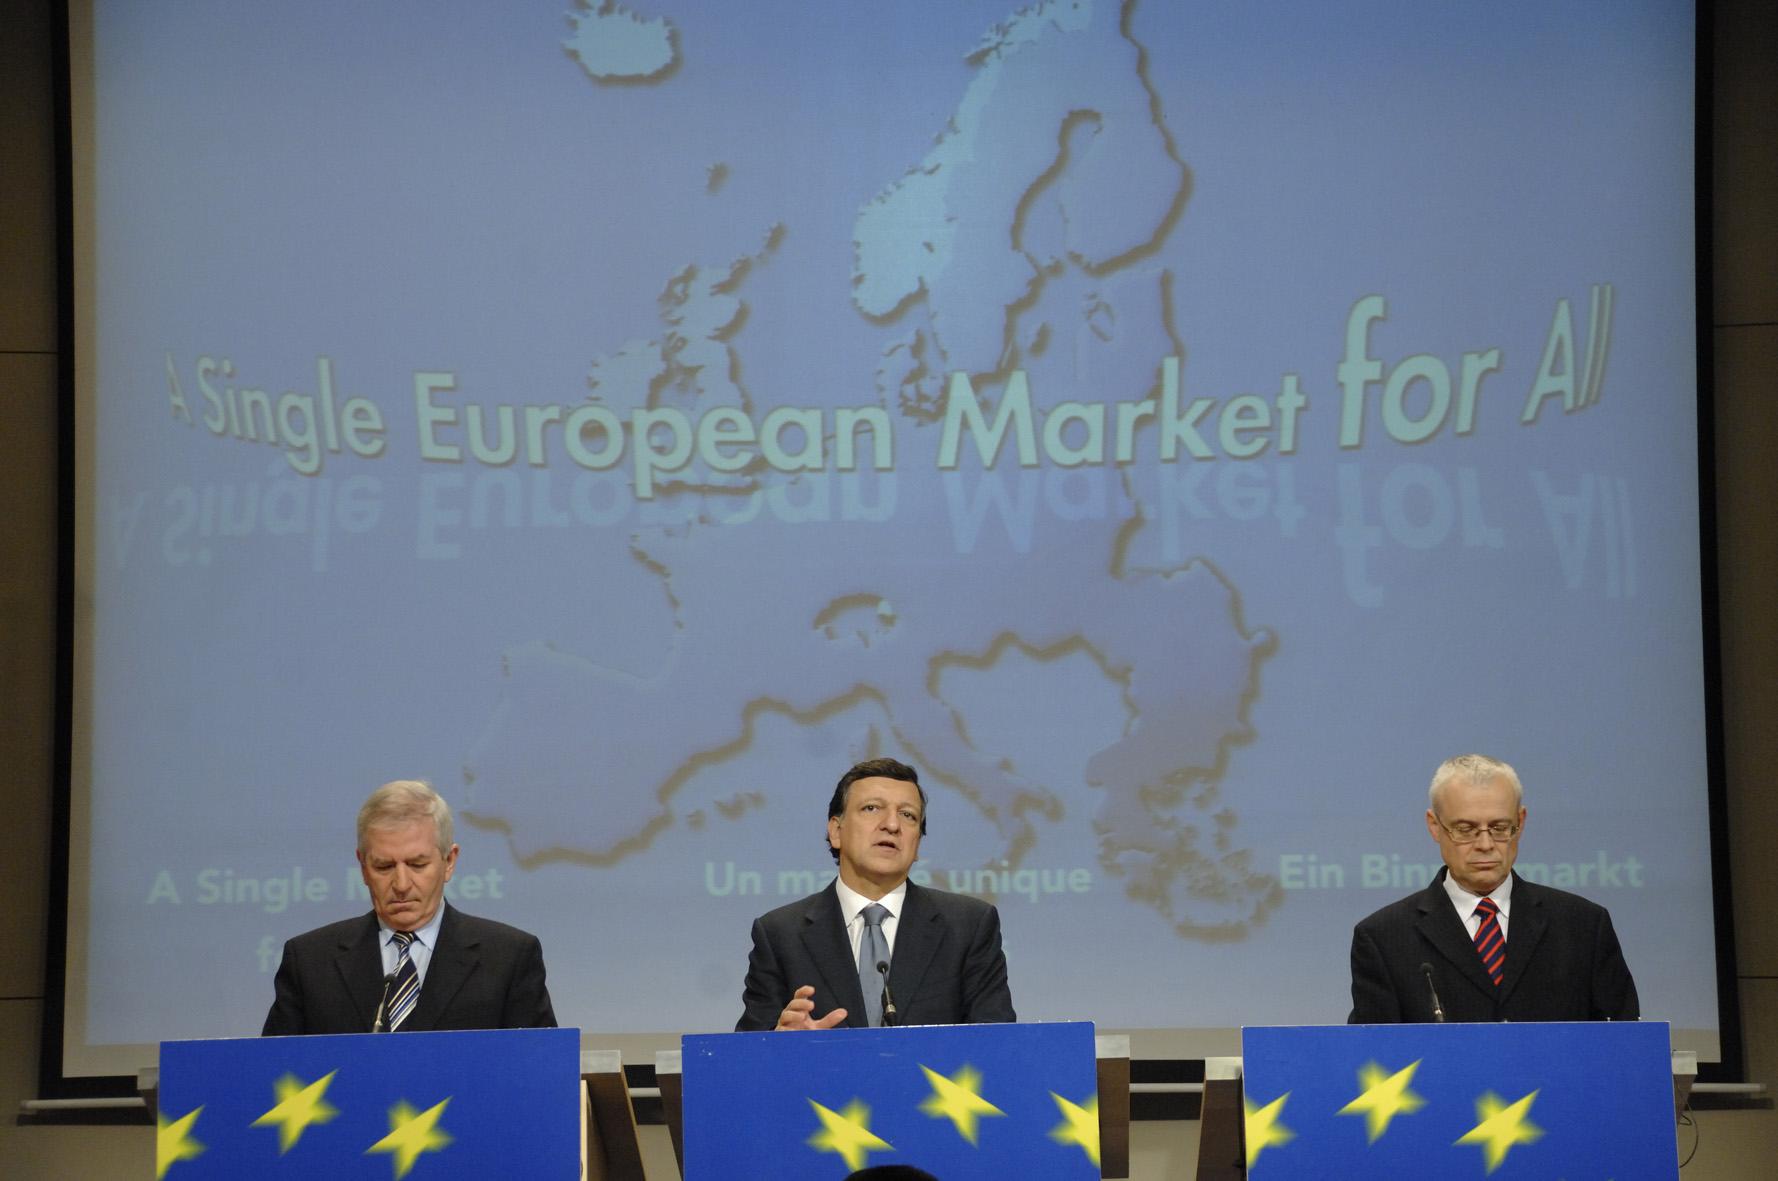 Conférence de press sur un marché unique moderne pour tous